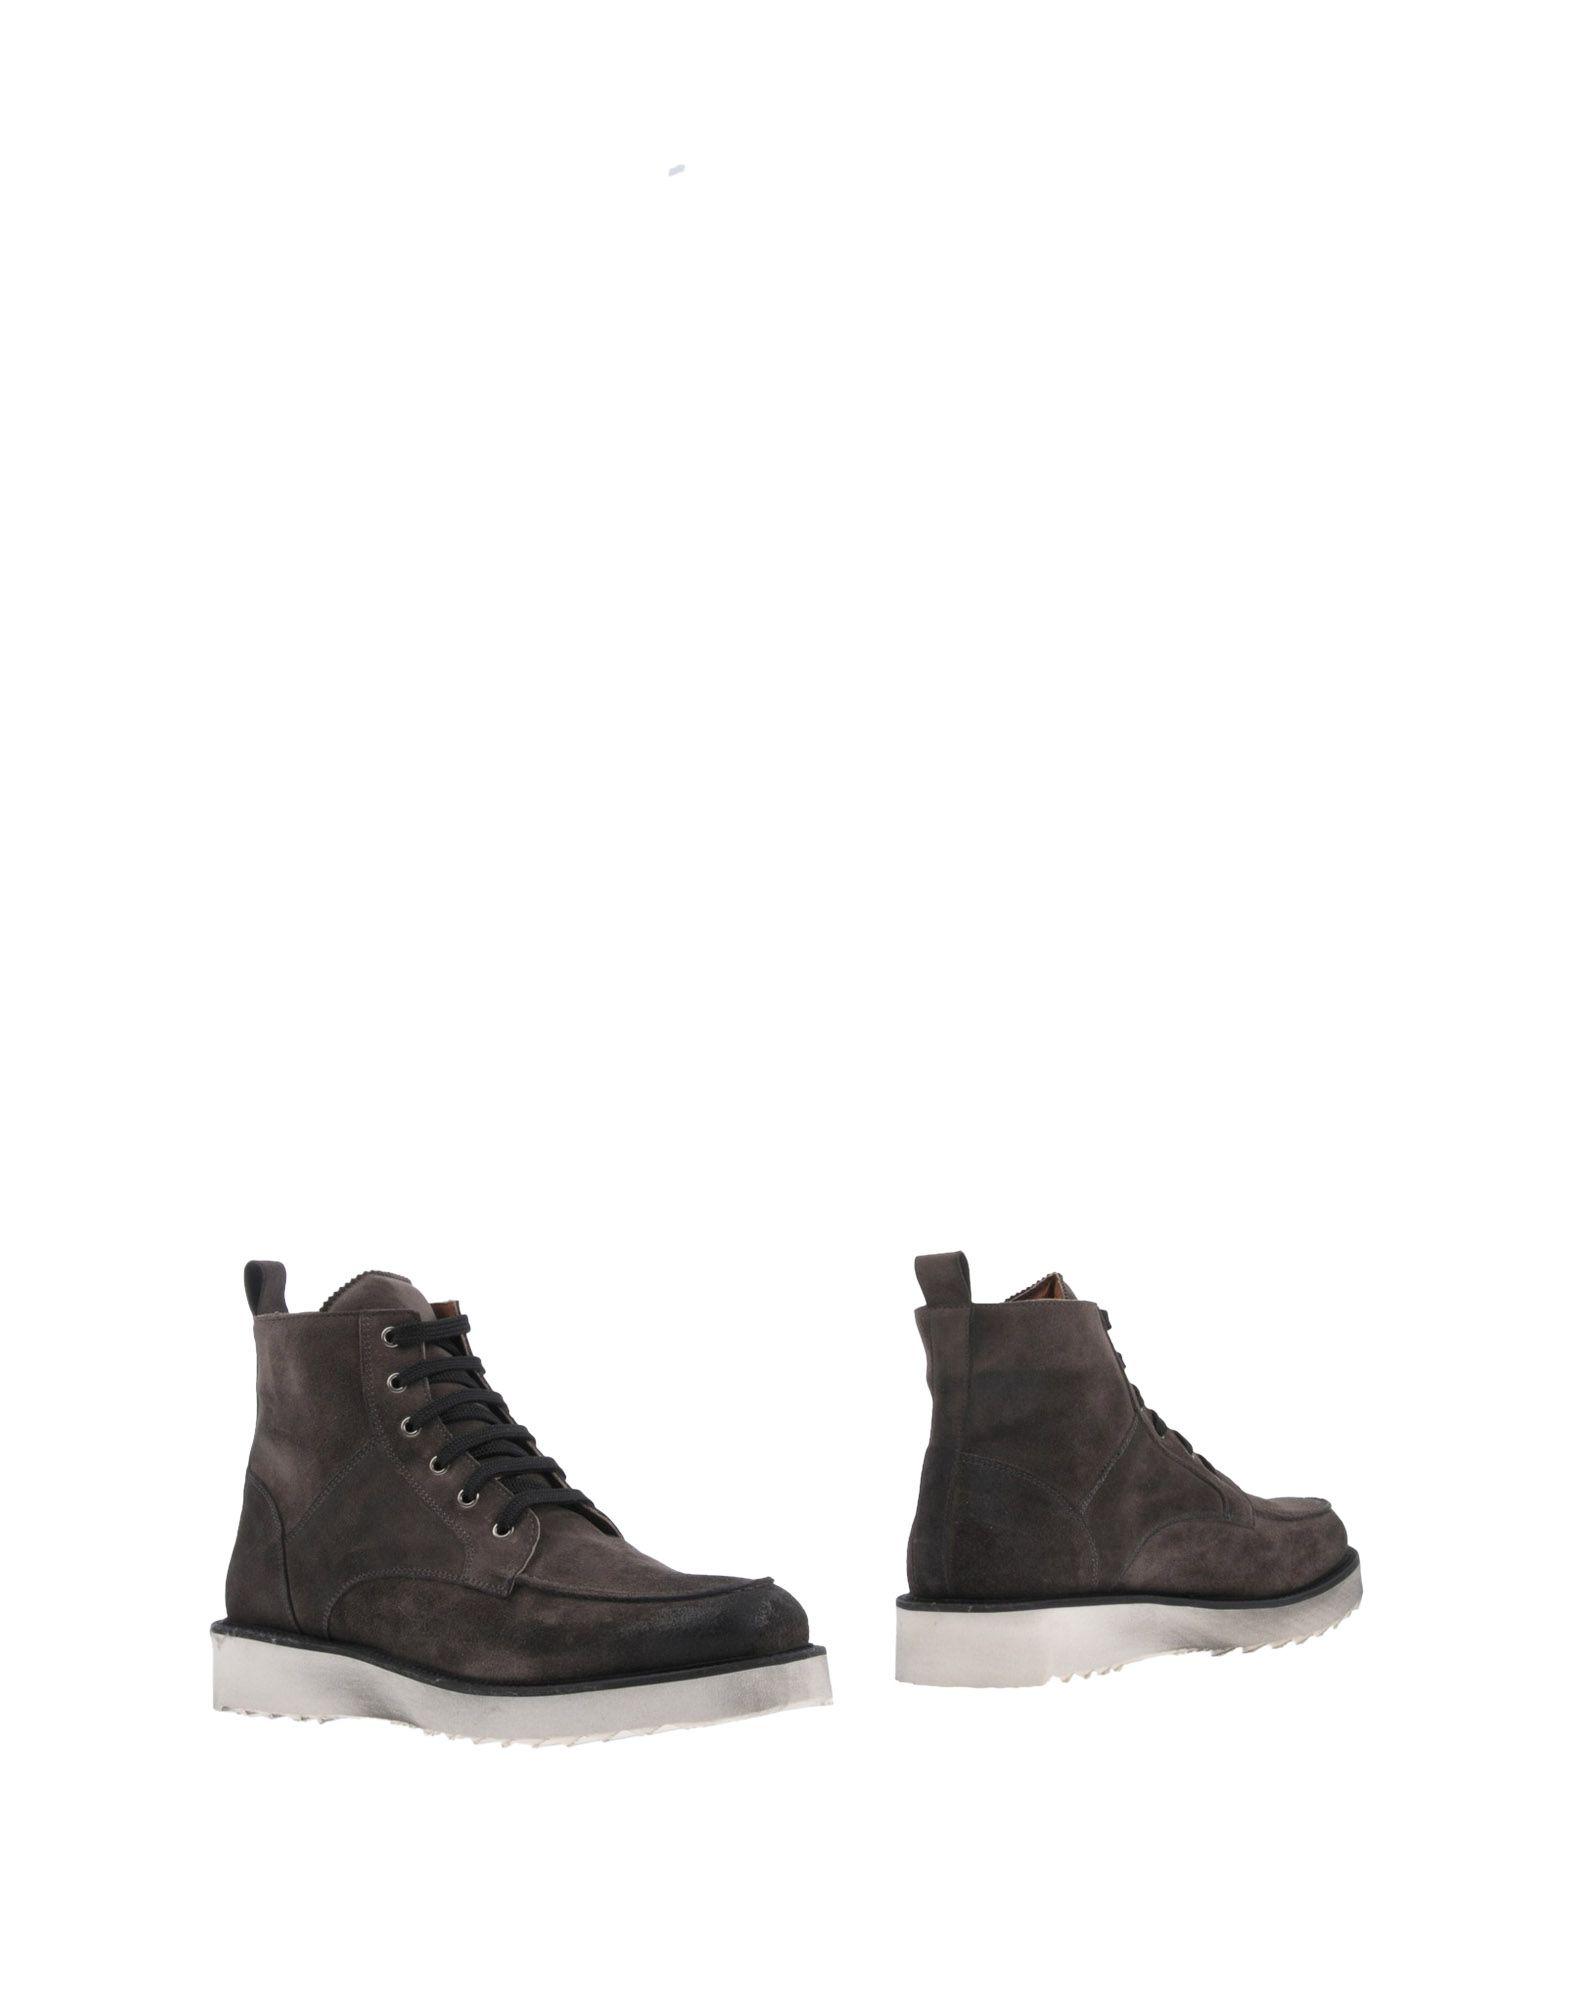 Pantofola D'oro Stiefelette Herren  11456644MJ Gute Qualität beliebte Schuhe